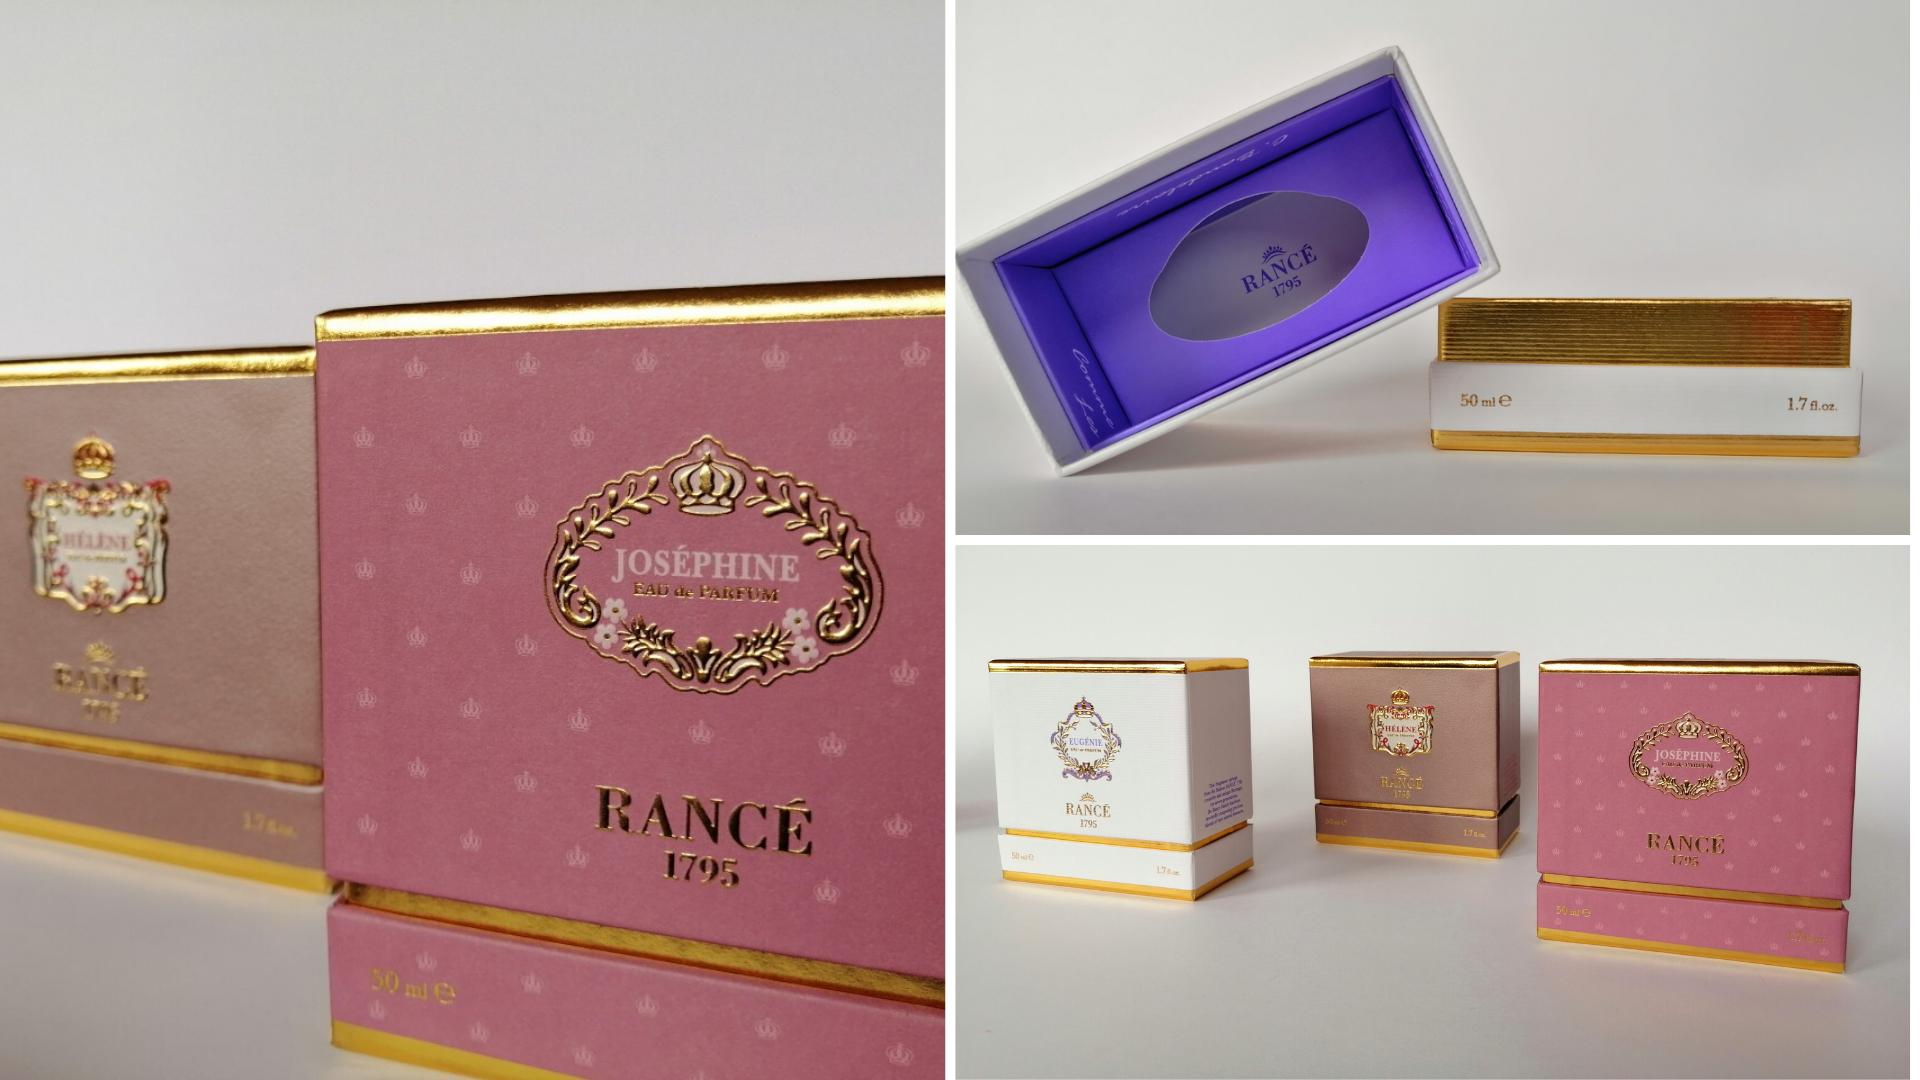 Élégance et style du marquage à chaud: le packaging de la Tradition Unique et de l'Excellence Contemporaine de la Maison RANCÉ1795